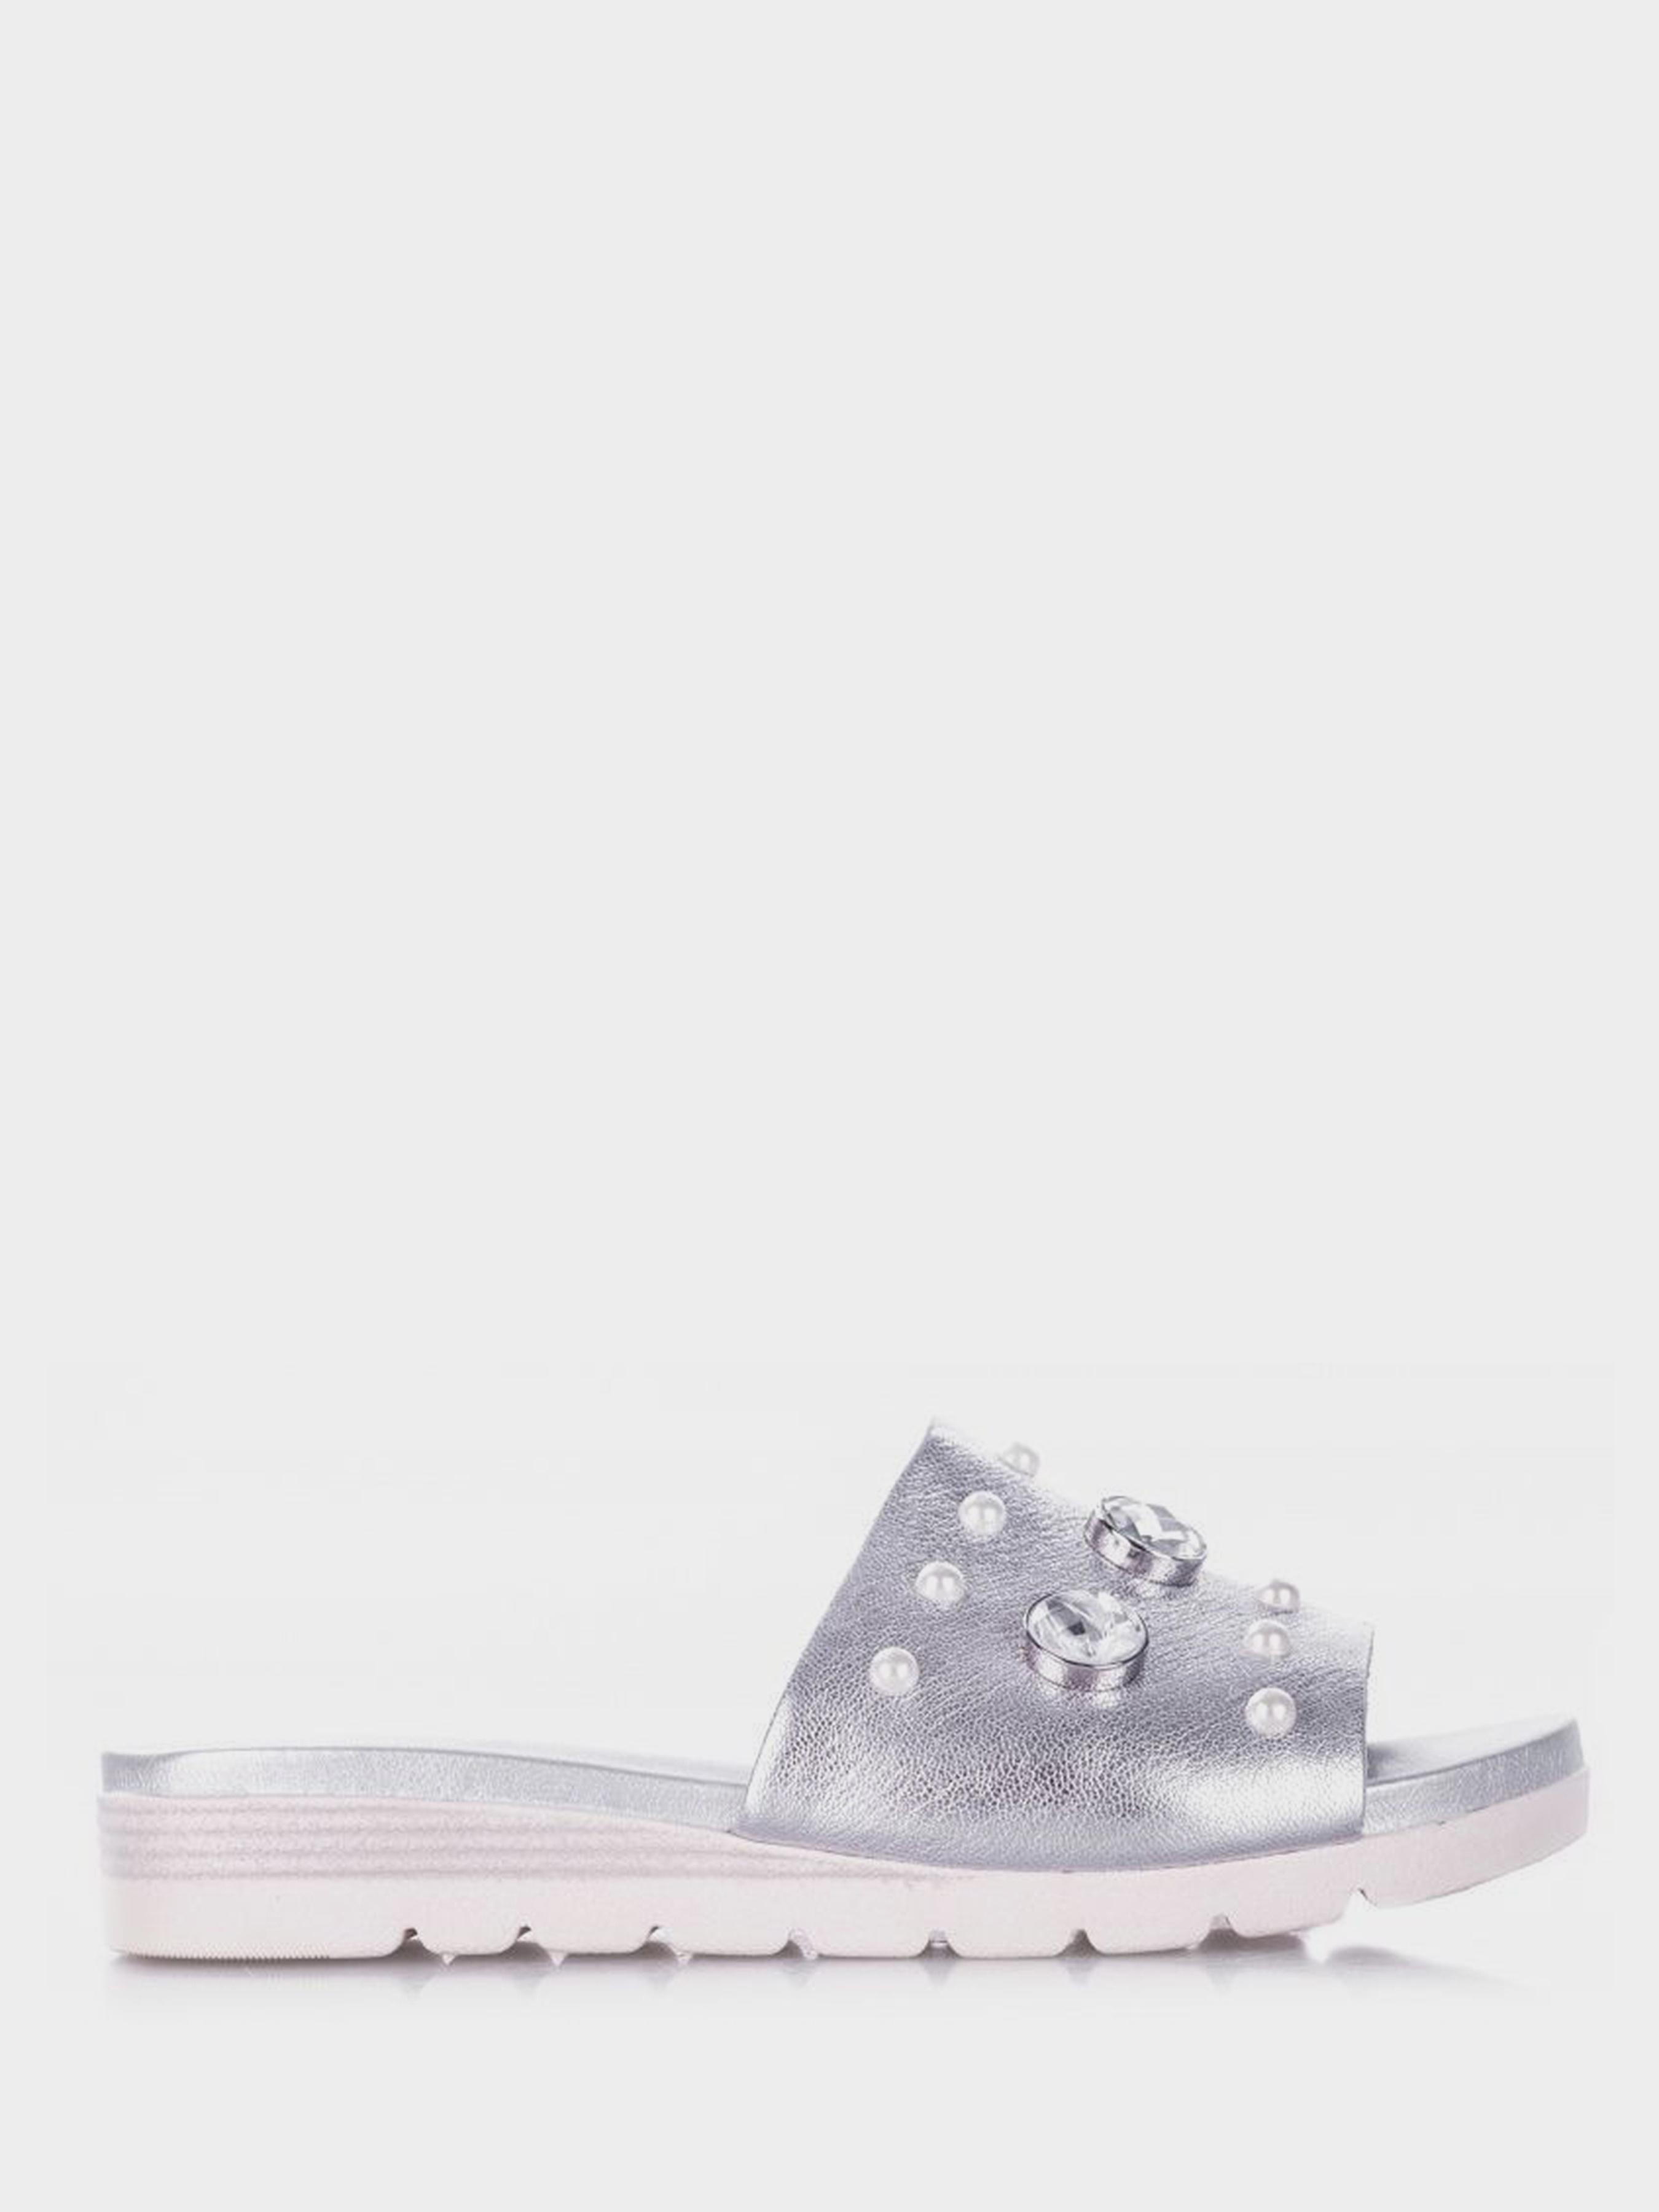 Шлёпанцы для женщин Caprice EO151 размерная сетка обуви, 2017